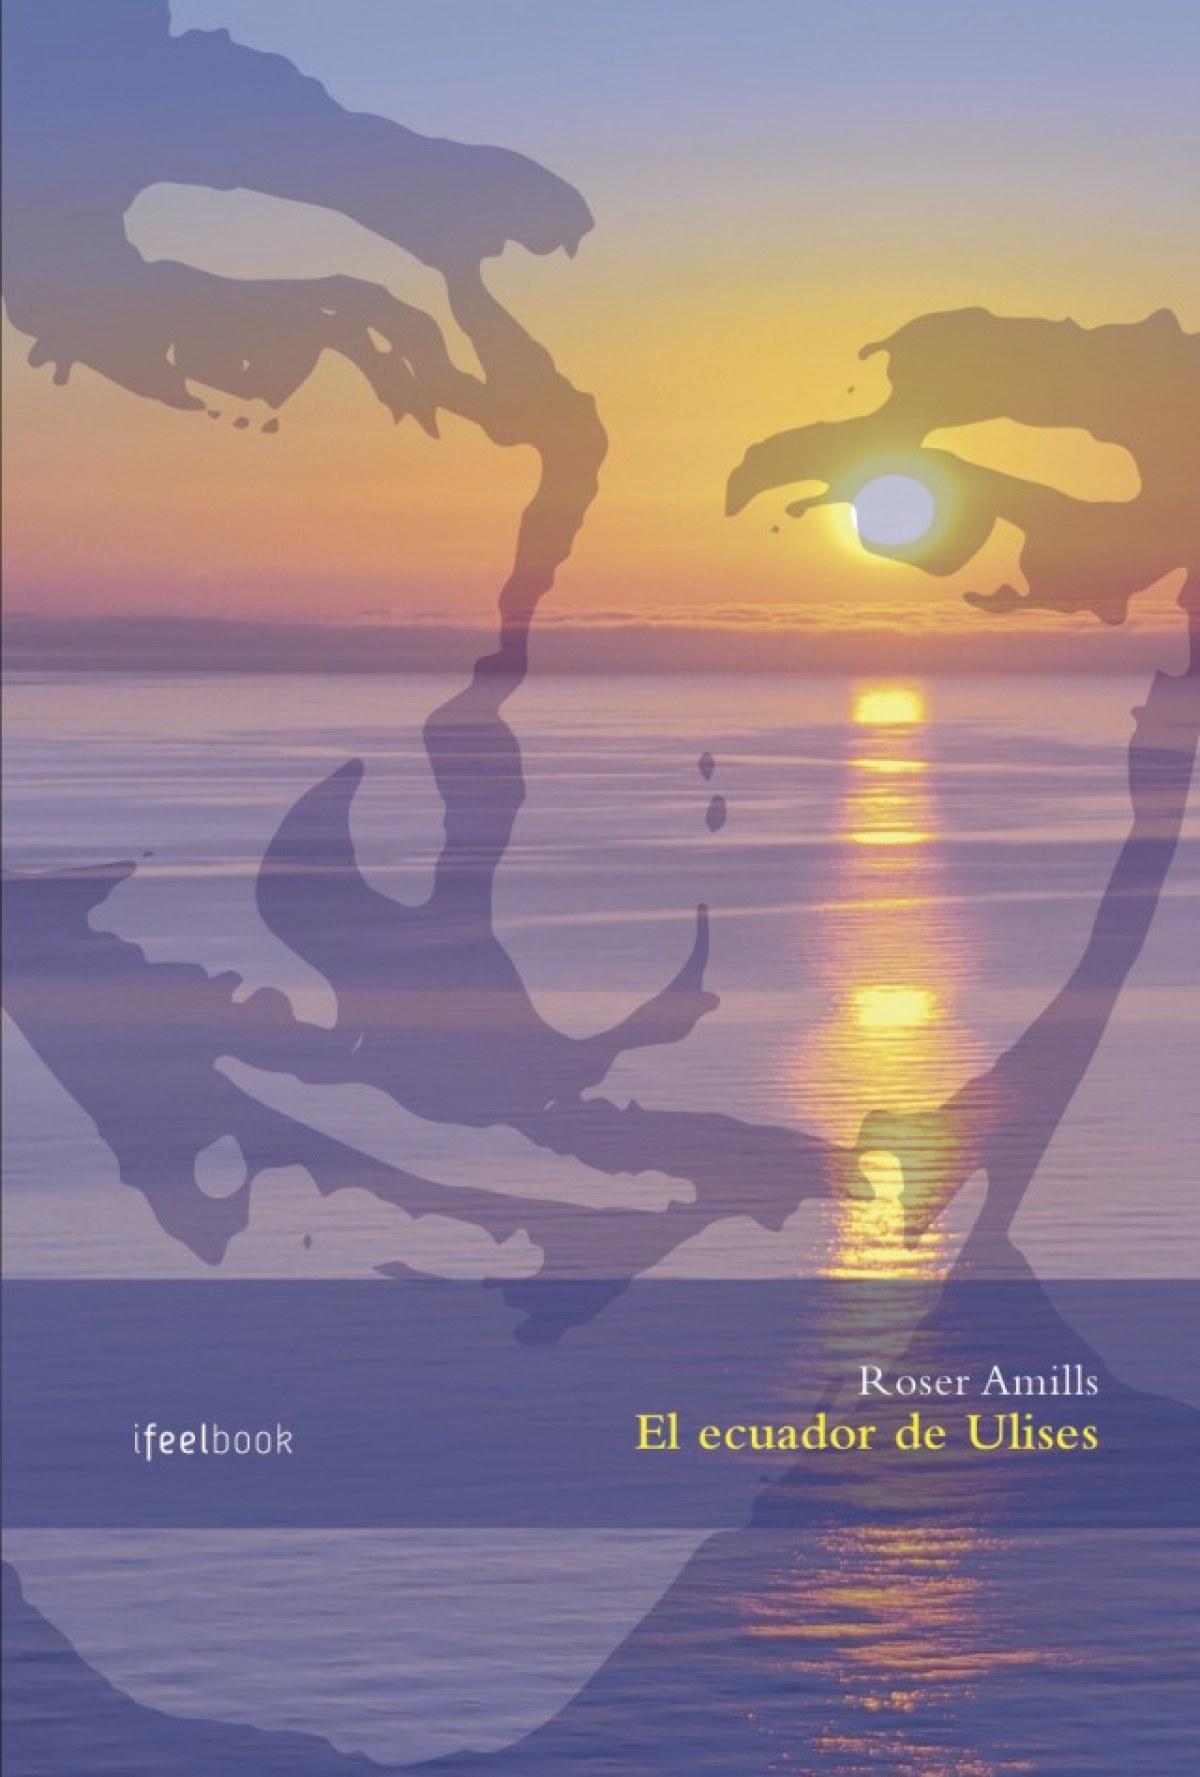 El Ecuador de Ulises